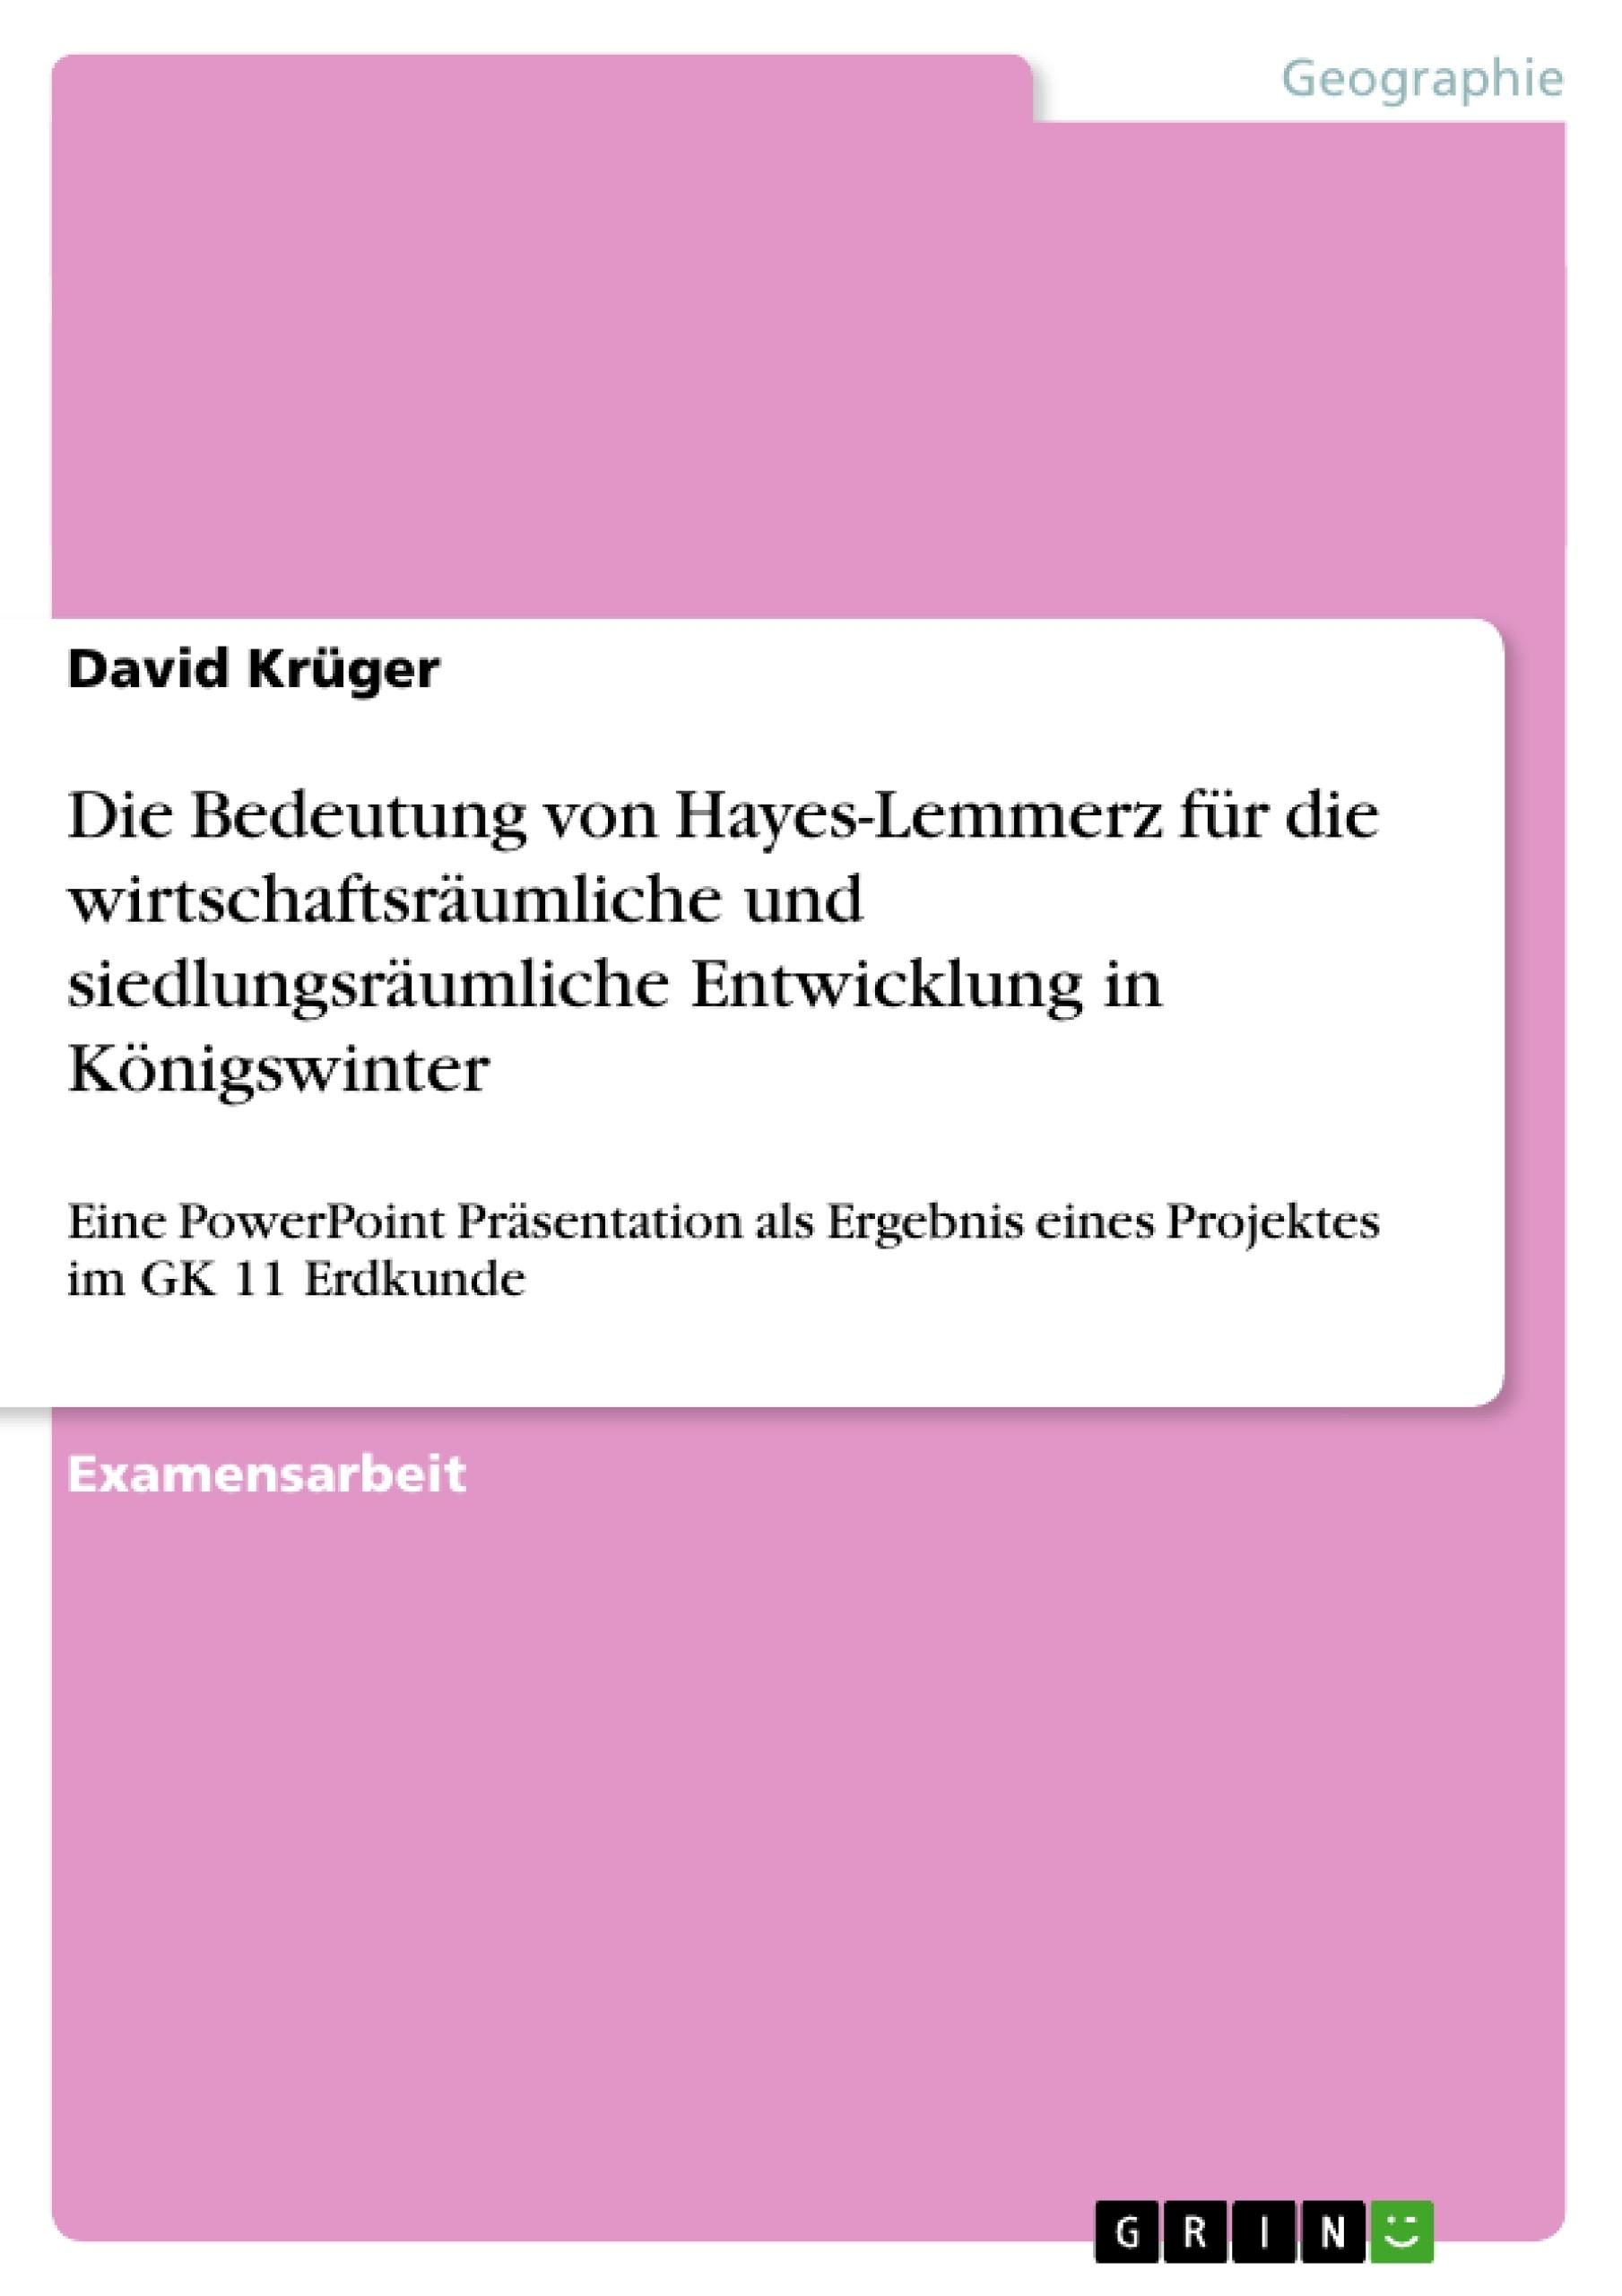 Titel: Die Bedeutung von Hayes-Lemmerz für die wirtschaftsräumliche und siedlungsräumliche Entwicklung in Königswinter